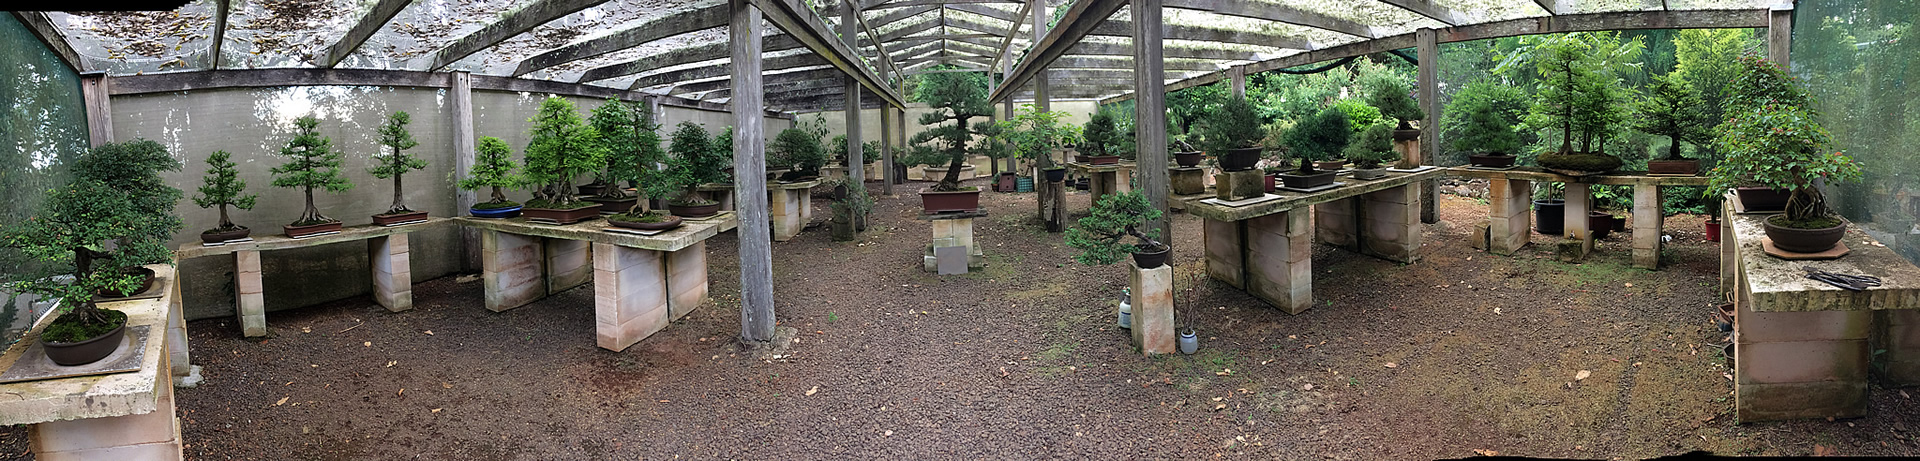 sakura-bonsai-gallery-dorrigo-banner-01